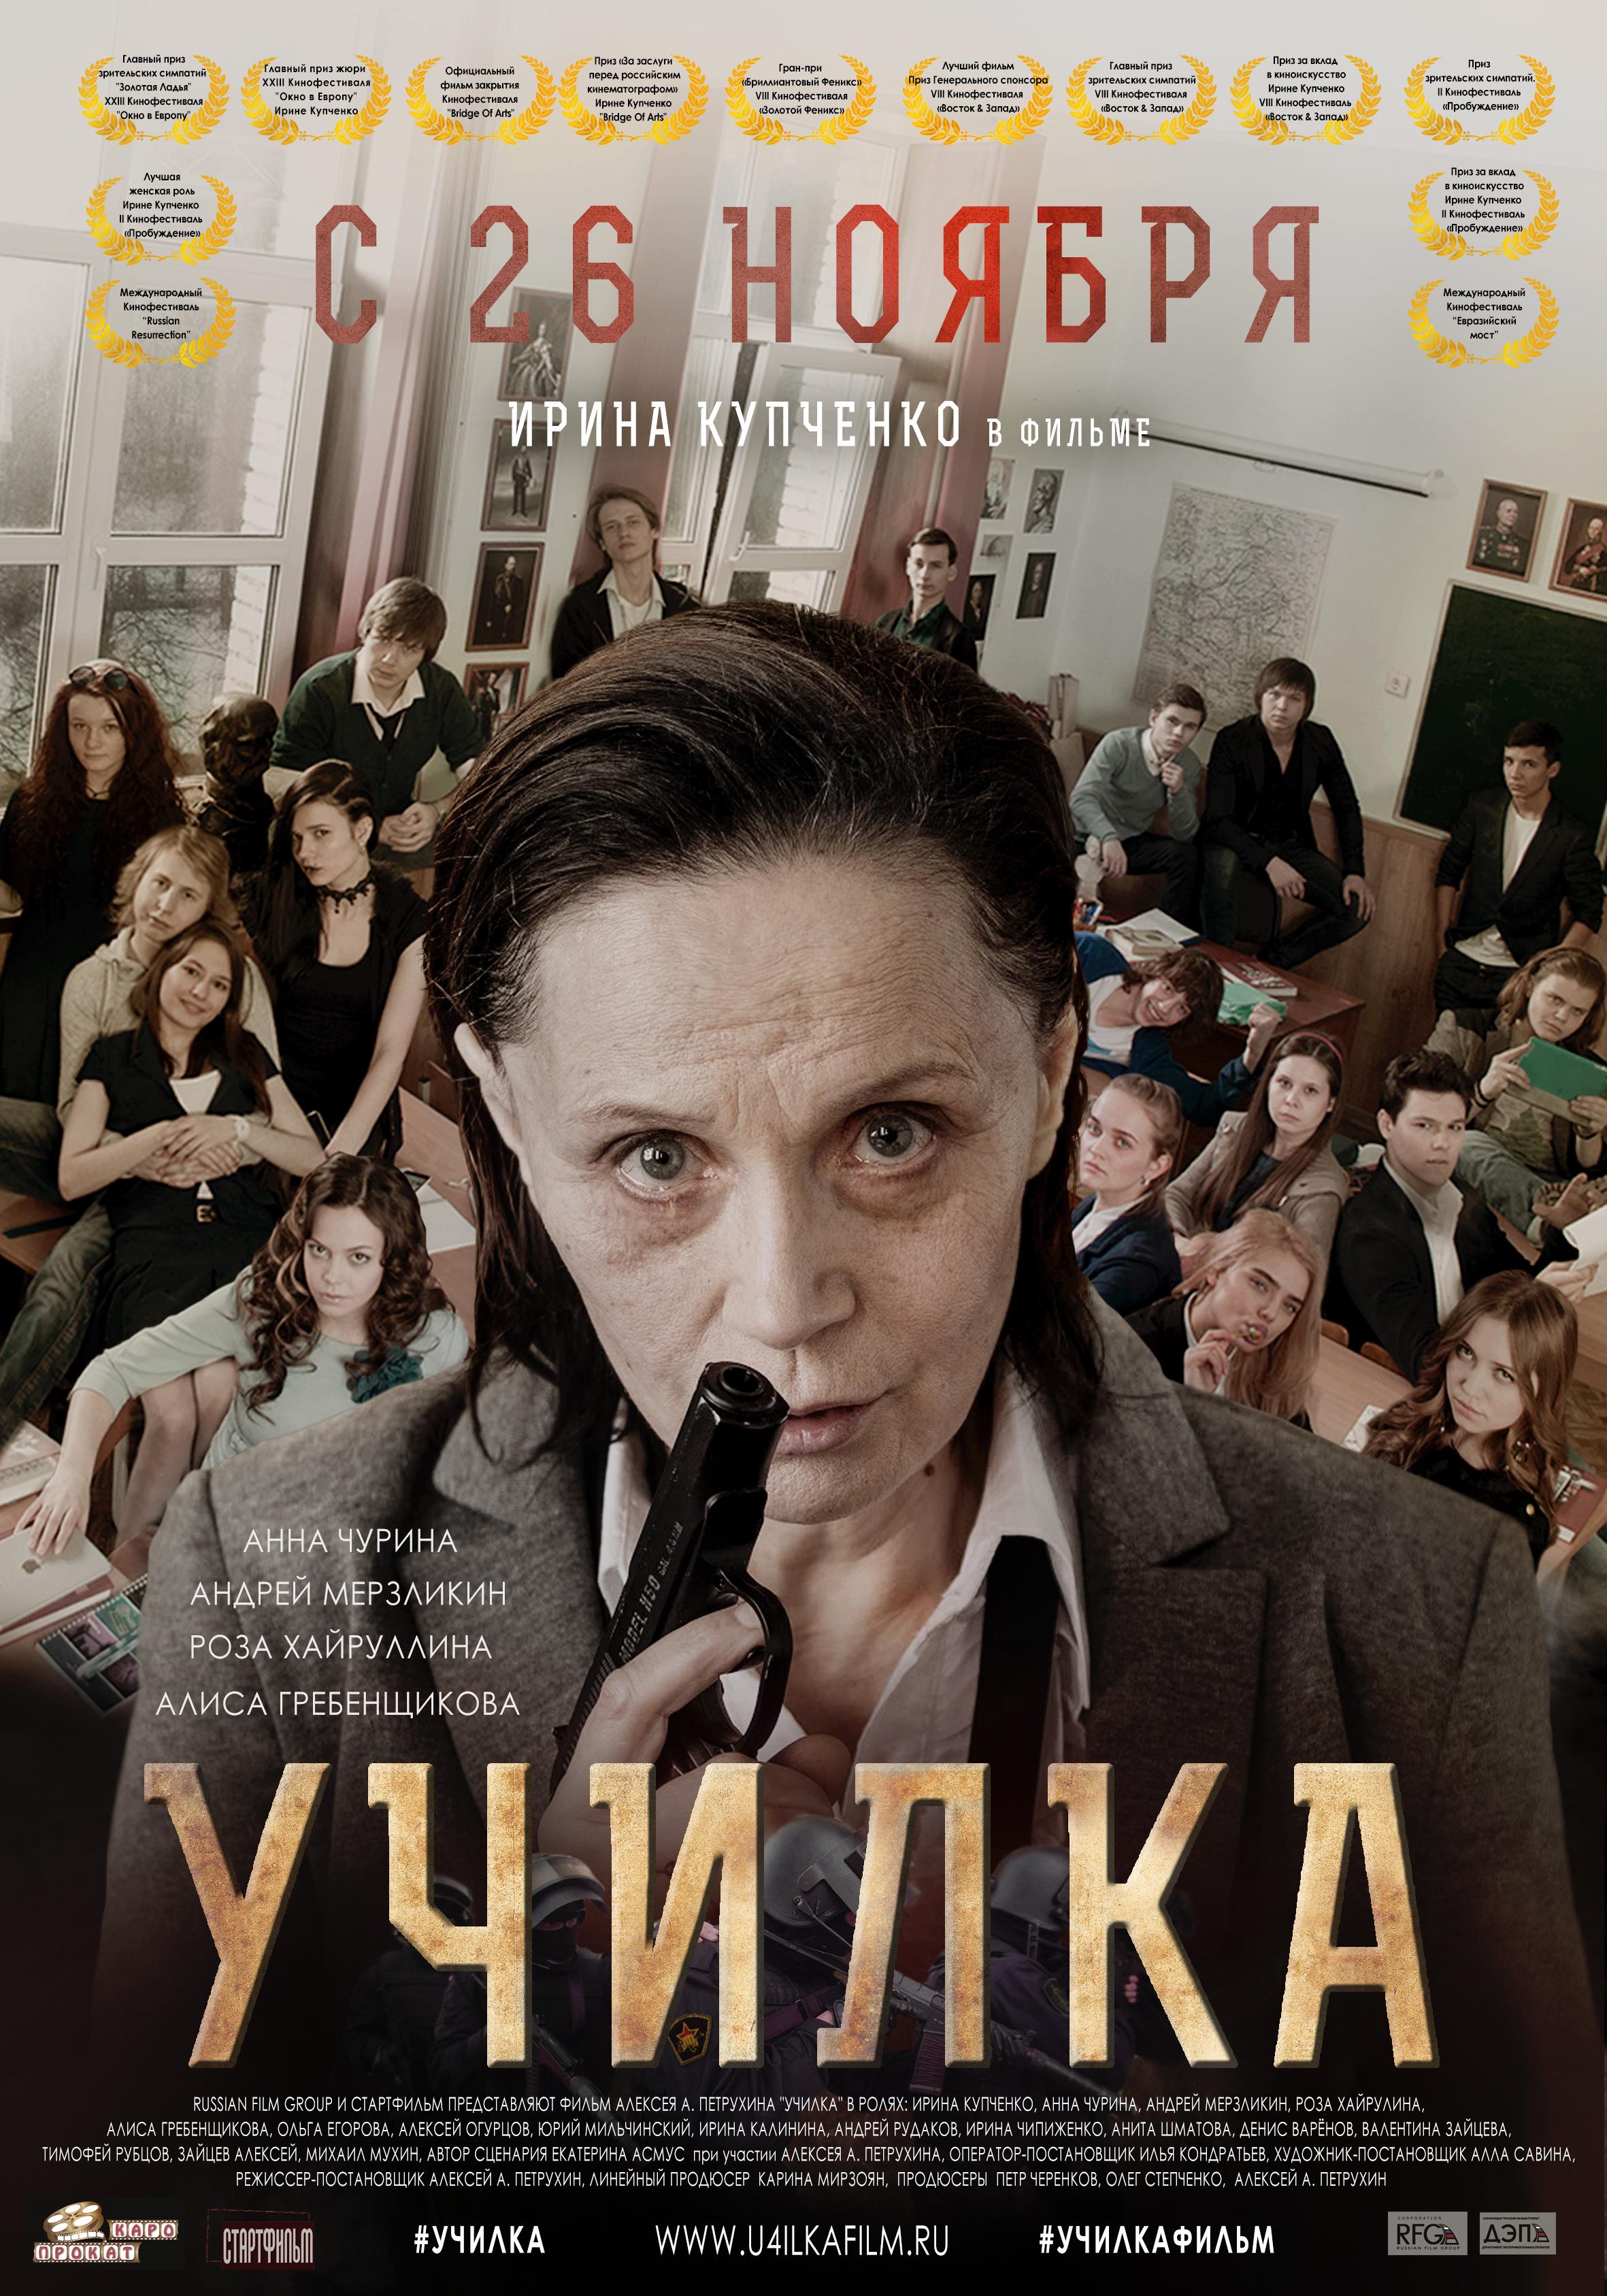 «Фильм Пенсионерка Смотреть Онлайн В Хорошем Качестве» — 2009